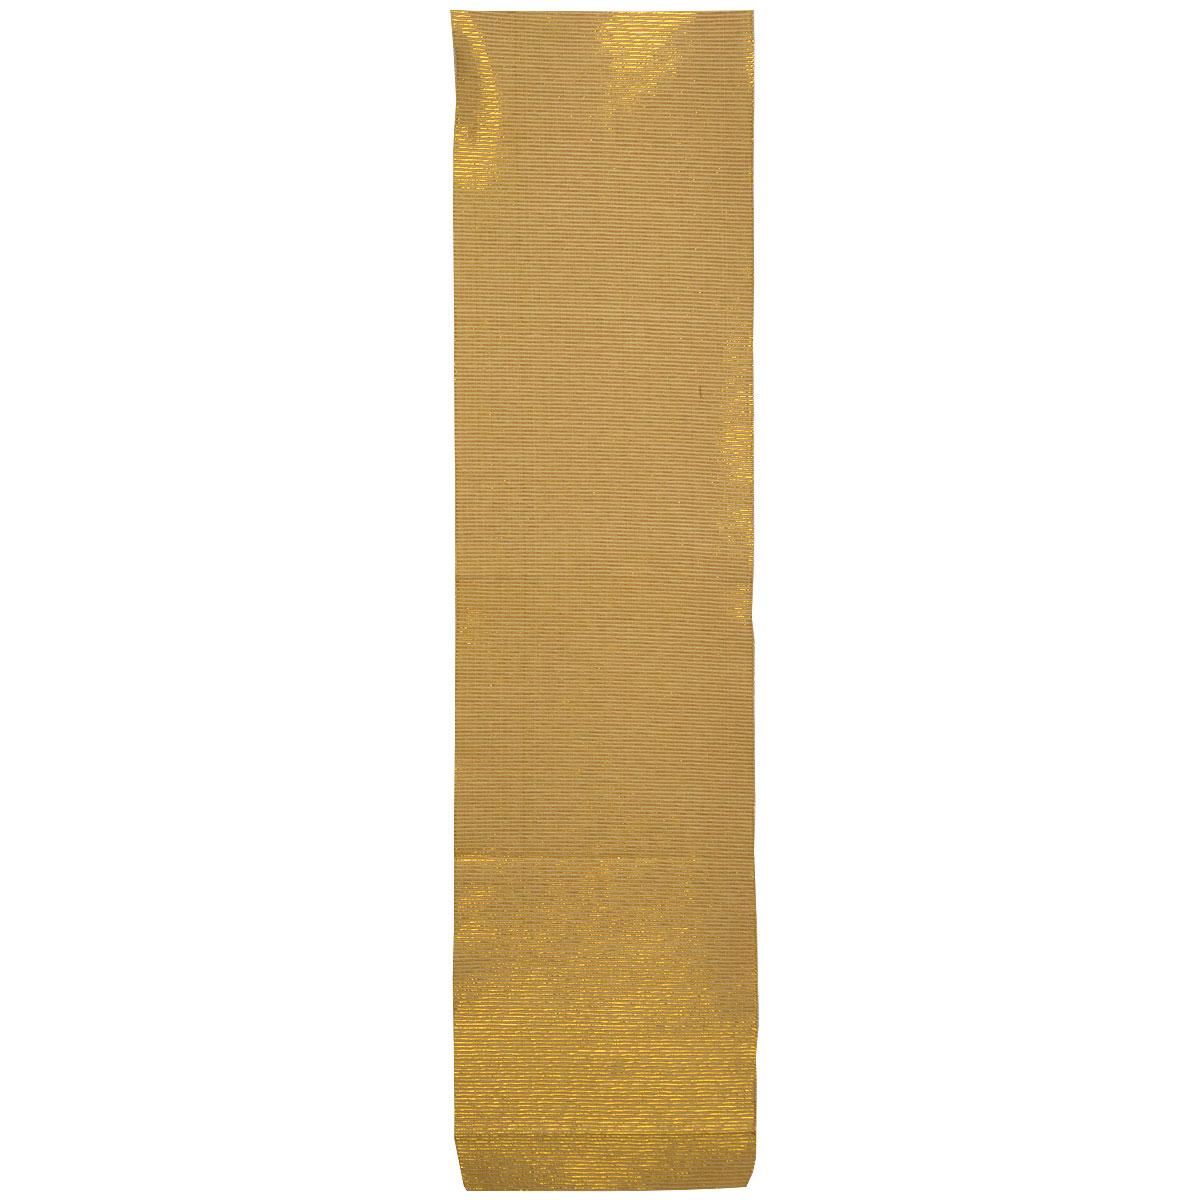 Дорожка Arloni Фест, цвет: золотистый, 33 см х 140 смAMC-00070Дорожка Arloni Фест изготовлена из 75% хлопка и 25% люрекса. Изделие оснащено рельефной поверхностью. Отличается высокой износоустойчивостью, хорошо впитывает влагу, не теряет своих свойств после многократных стирок. Дорожка гармонично впишется в интерьер вашего дома и создаст атмосферу уюта и комфорта. Идеальный вариант для ванной, балкона, прихожей или комнаты, террасы или веранды в загородном доме. Изделие отличается высоким качеством пошива и стильным дизайном.